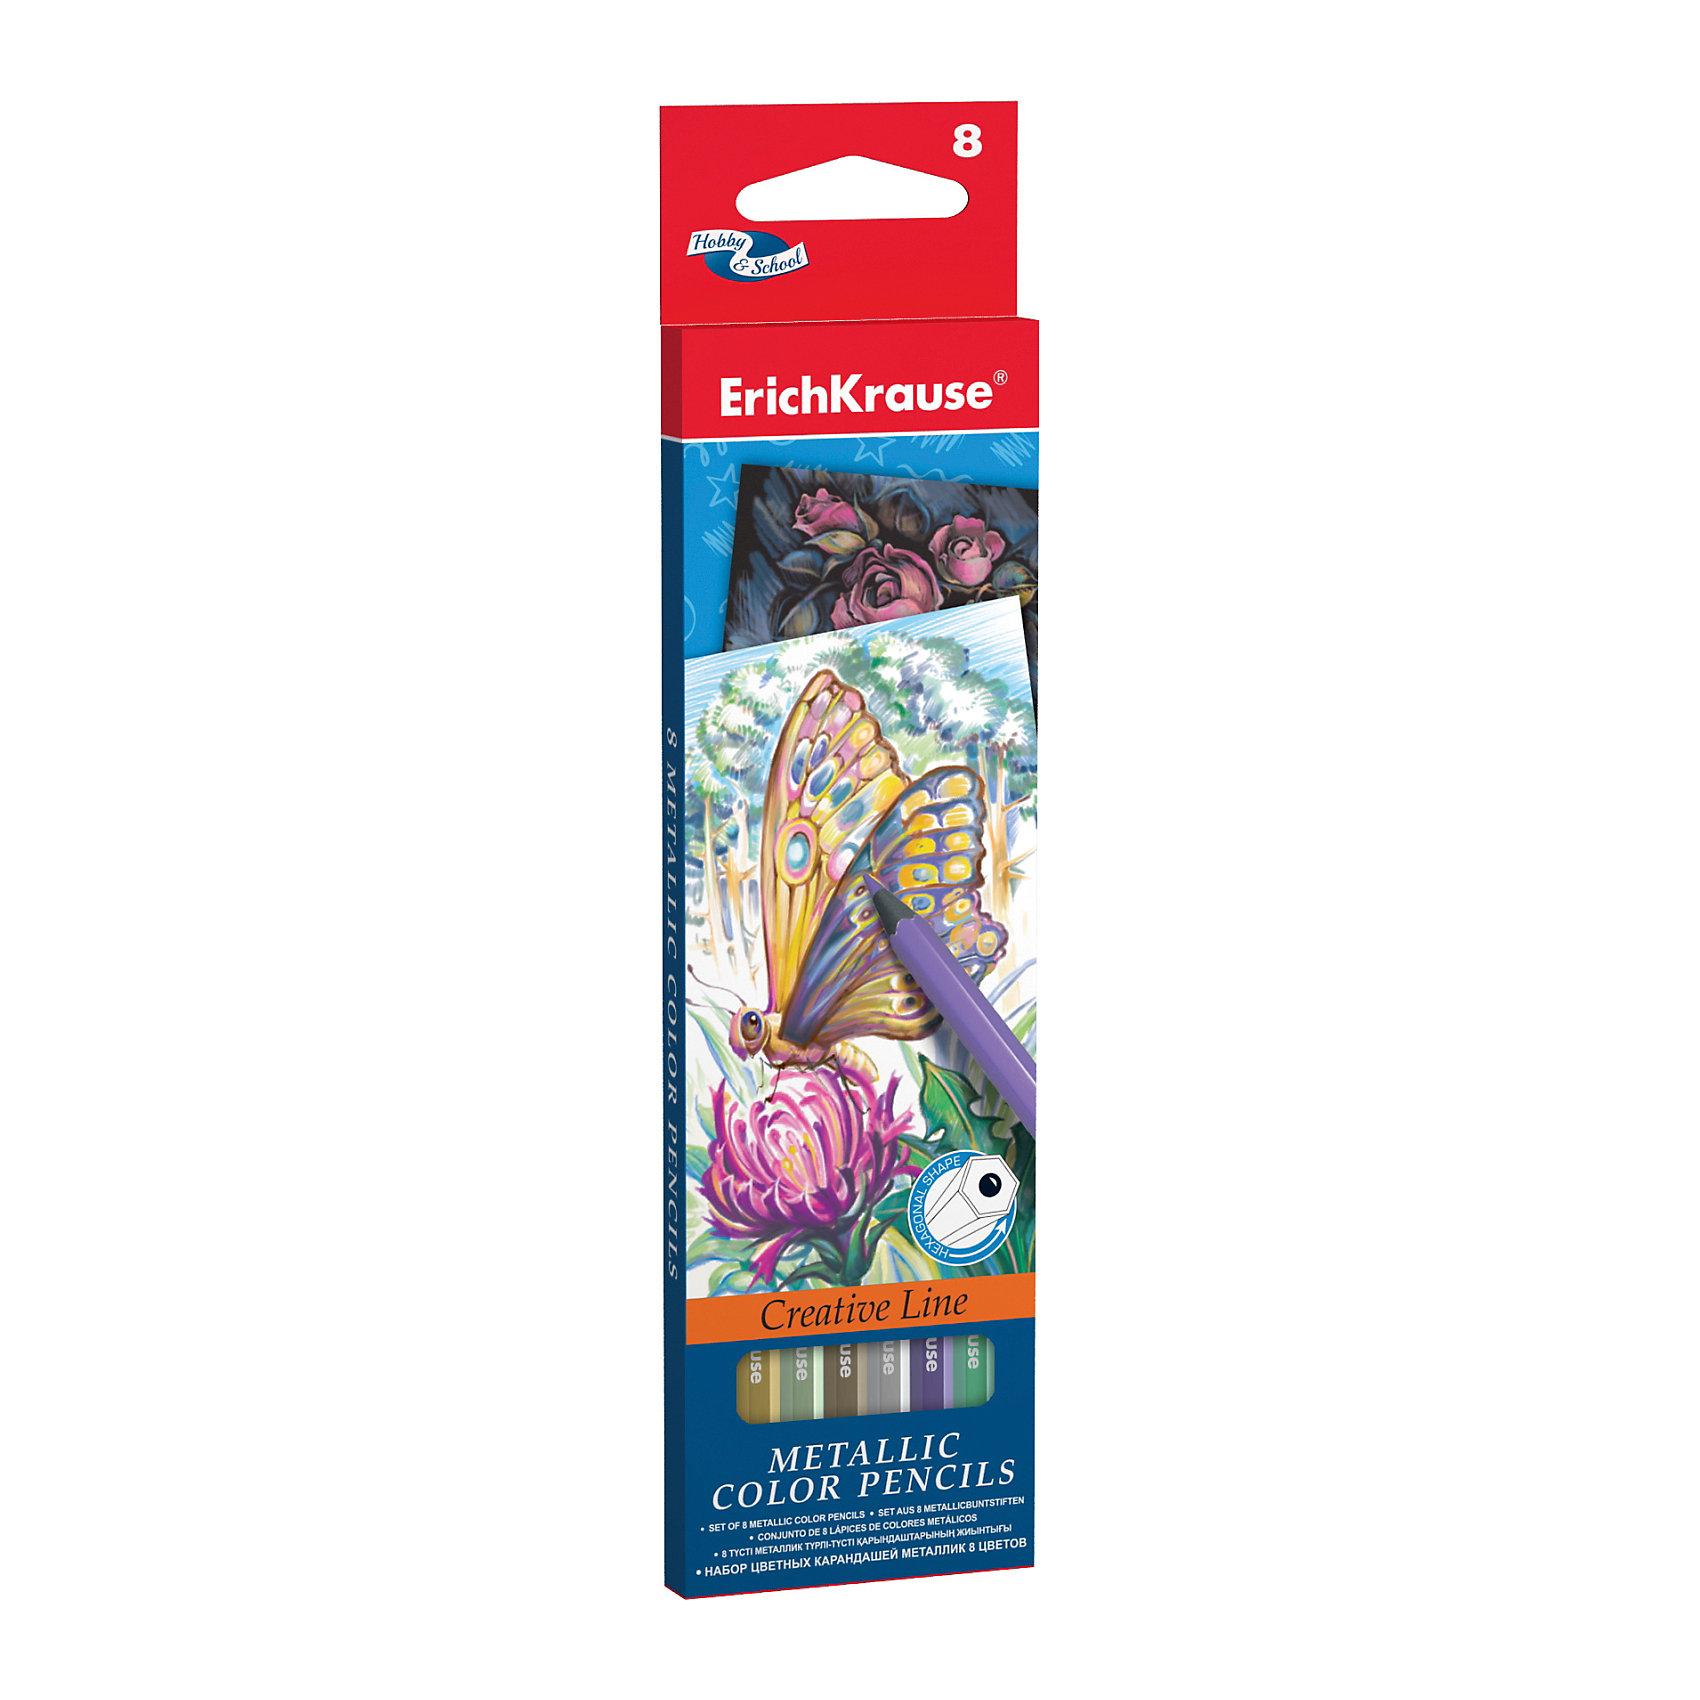 Цветные карандаши шестигранные ArtBerry Metallic, 8 цветовХарактеристики цветных шестигранных карандашей ArtBerry:<br><br>• возраст: от 5 лет<br>• пол: для мальчиков и девочек<br>• комплект: 8 карандаша разного цвета<br>• материал: дерево.<br>• упаковка: картонная коробка <br>• толщина грифеля: 3 мм.<br>• длина карандаша: 17.5 см.<br>• размеры упаковки: 18.5x6x1 см<br>• вес в упаковке : 55 г.<br>• бренд: Erich Krause<br>• страна обладатель бренда: Россия<br><br>Набор цветных карандашей торговой марки Erich Krause Metallic подойдет любому юному художнику. Карандаши легко и аккуратно затачиваются и имеют яркие насыщенные цвета. Мягкий грифель легко рисует на бумаге и не царапает ее. Карандаши имеют качественные стержни, не стираются и не выцветают со временем. А большая цветовая палитра позволит изобразить мир на бумаге в ярких тонах. <br><br>В наборе 8 цветных карандашей, изготовленных из натурального дерева, с диаметром грифеля 3 мм. Яркий и практичный набор Erich Krause Metallic с продуманной палитрой цветов непременно понравится вашему юному художнику. <br><br>Цветные карандаши шестигранные ArtBerry торговой марки Erich Krause  можно купить в нашем интернет-магазине.<br><br>Ширина мм: 70<br>Глубина мм: 10<br>Высота мм: 200<br>Вес г: 160<br>Возраст от месяцев: 60<br>Возраст до месяцев: 216<br>Пол: Унисекс<br>Возраст: Детский<br>SKU: 5409232